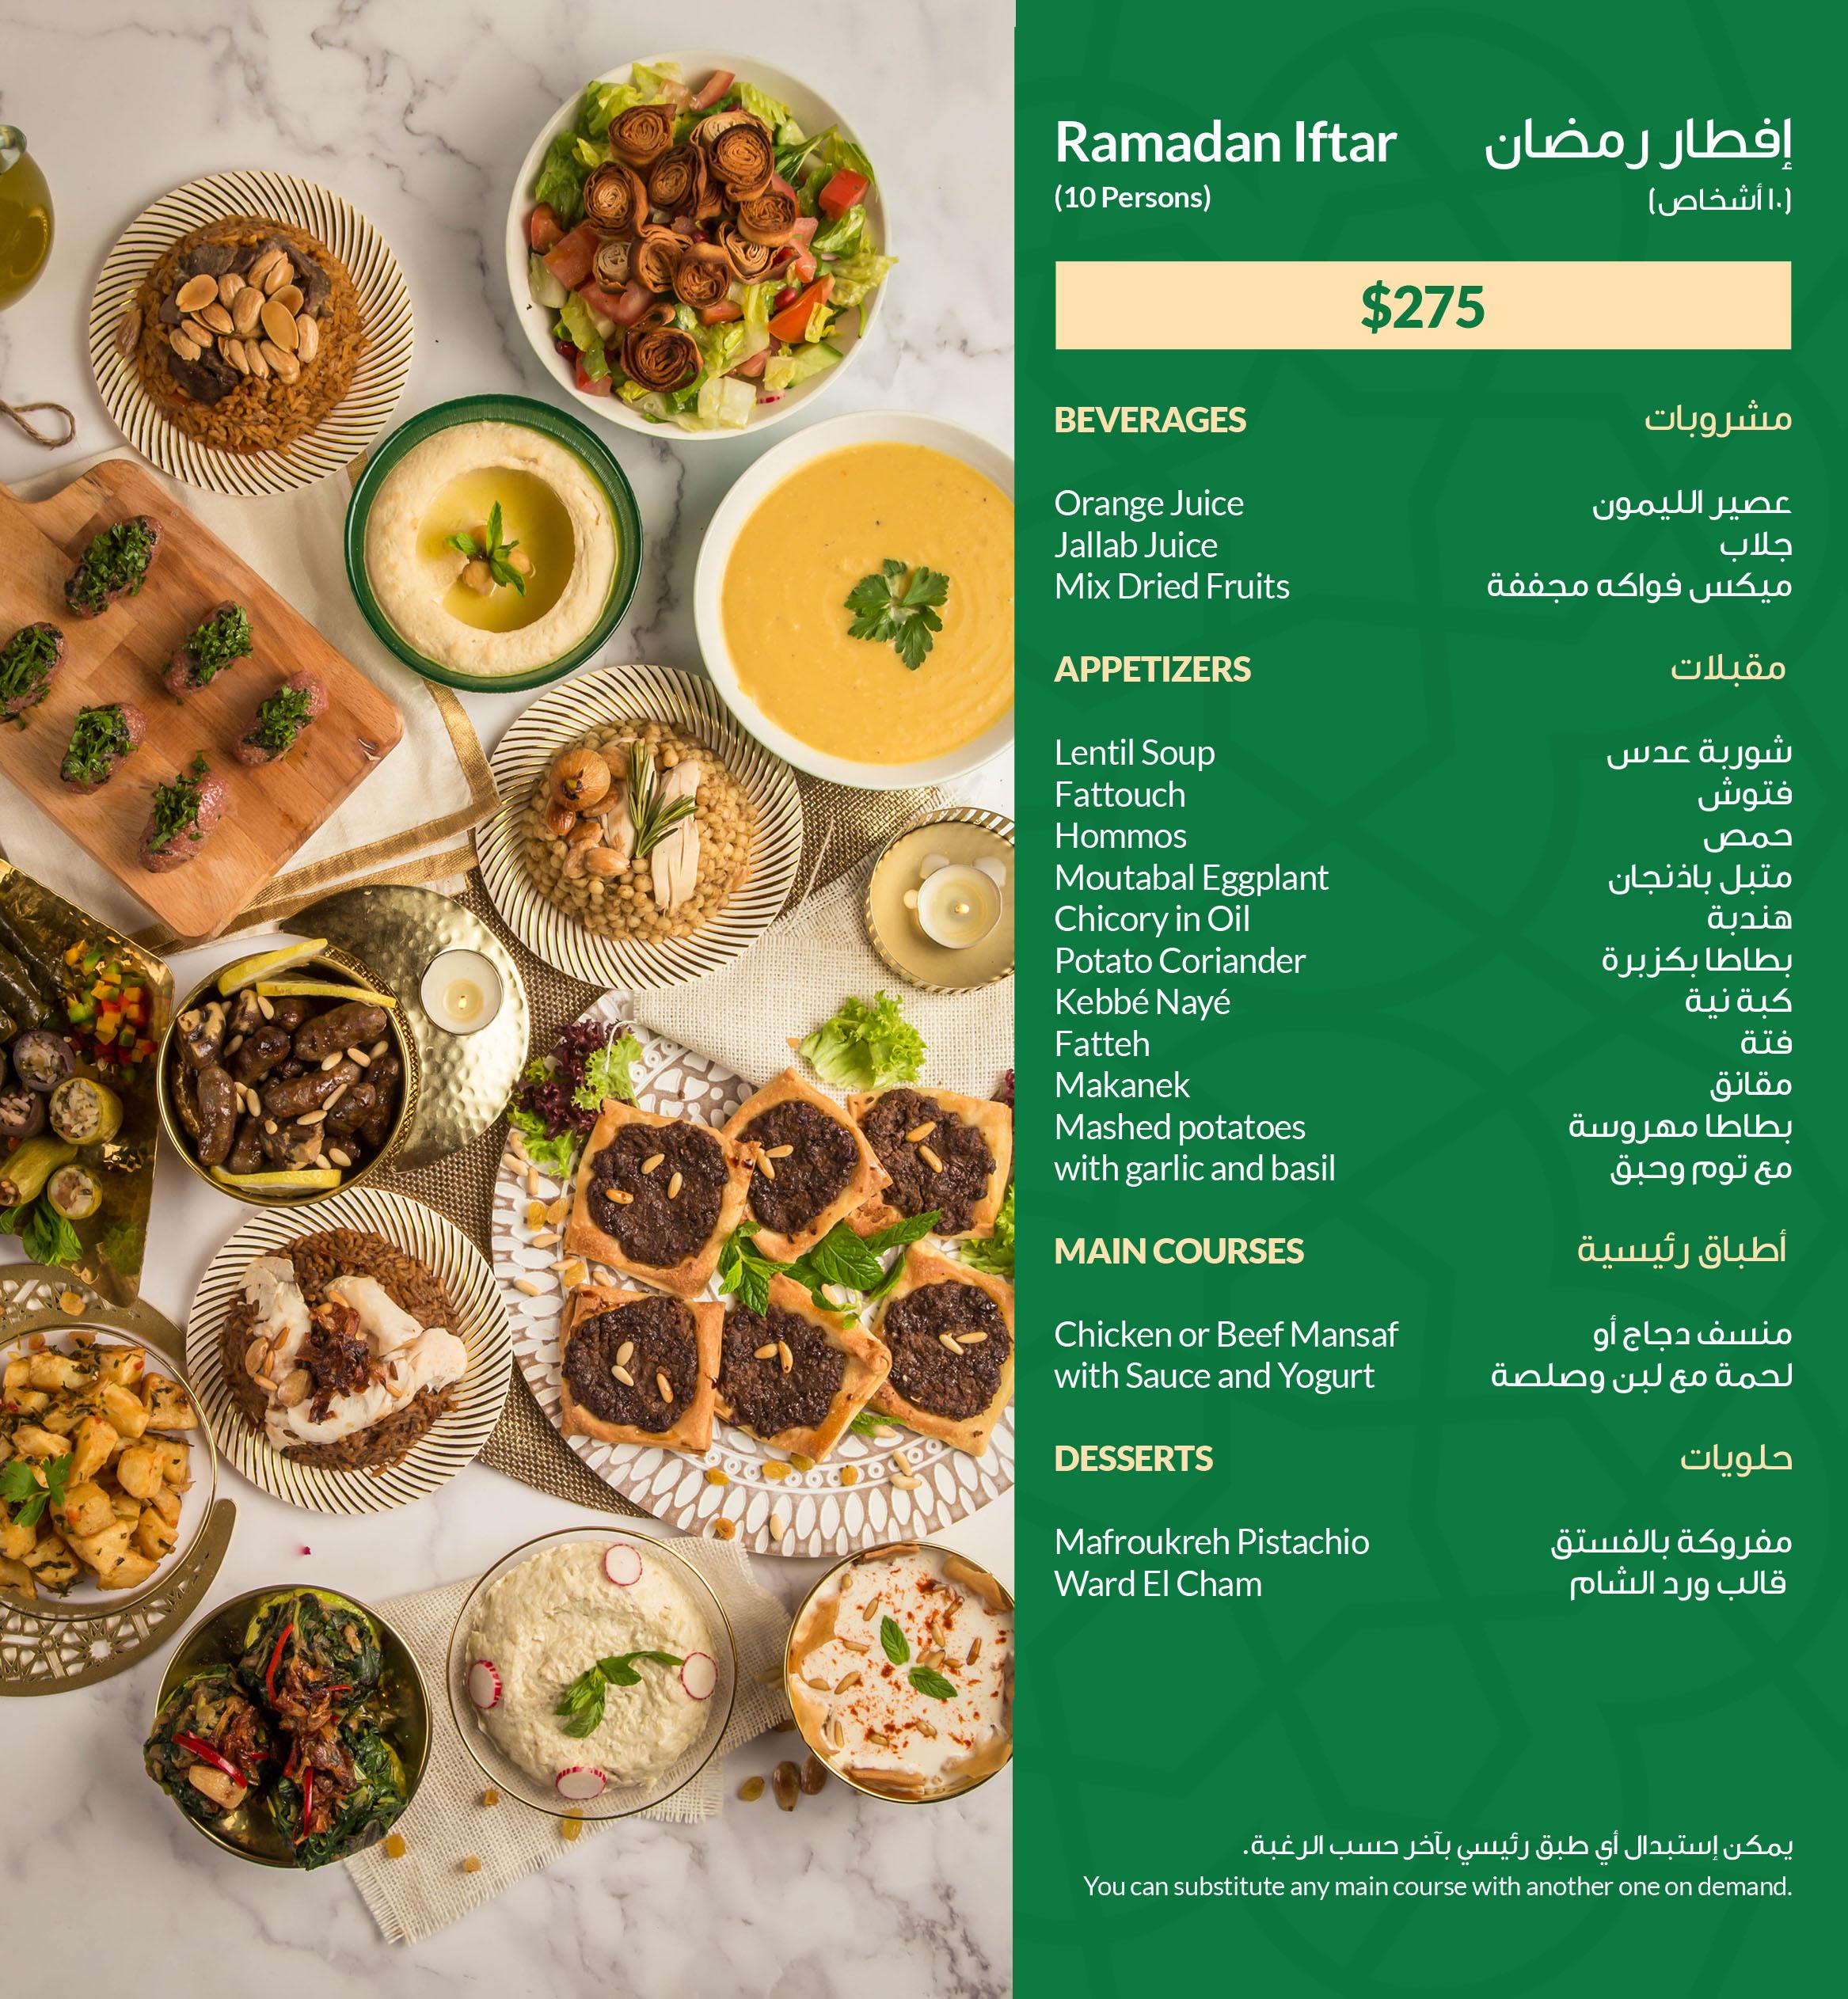 Ramadan Iftar (10 prs) 2